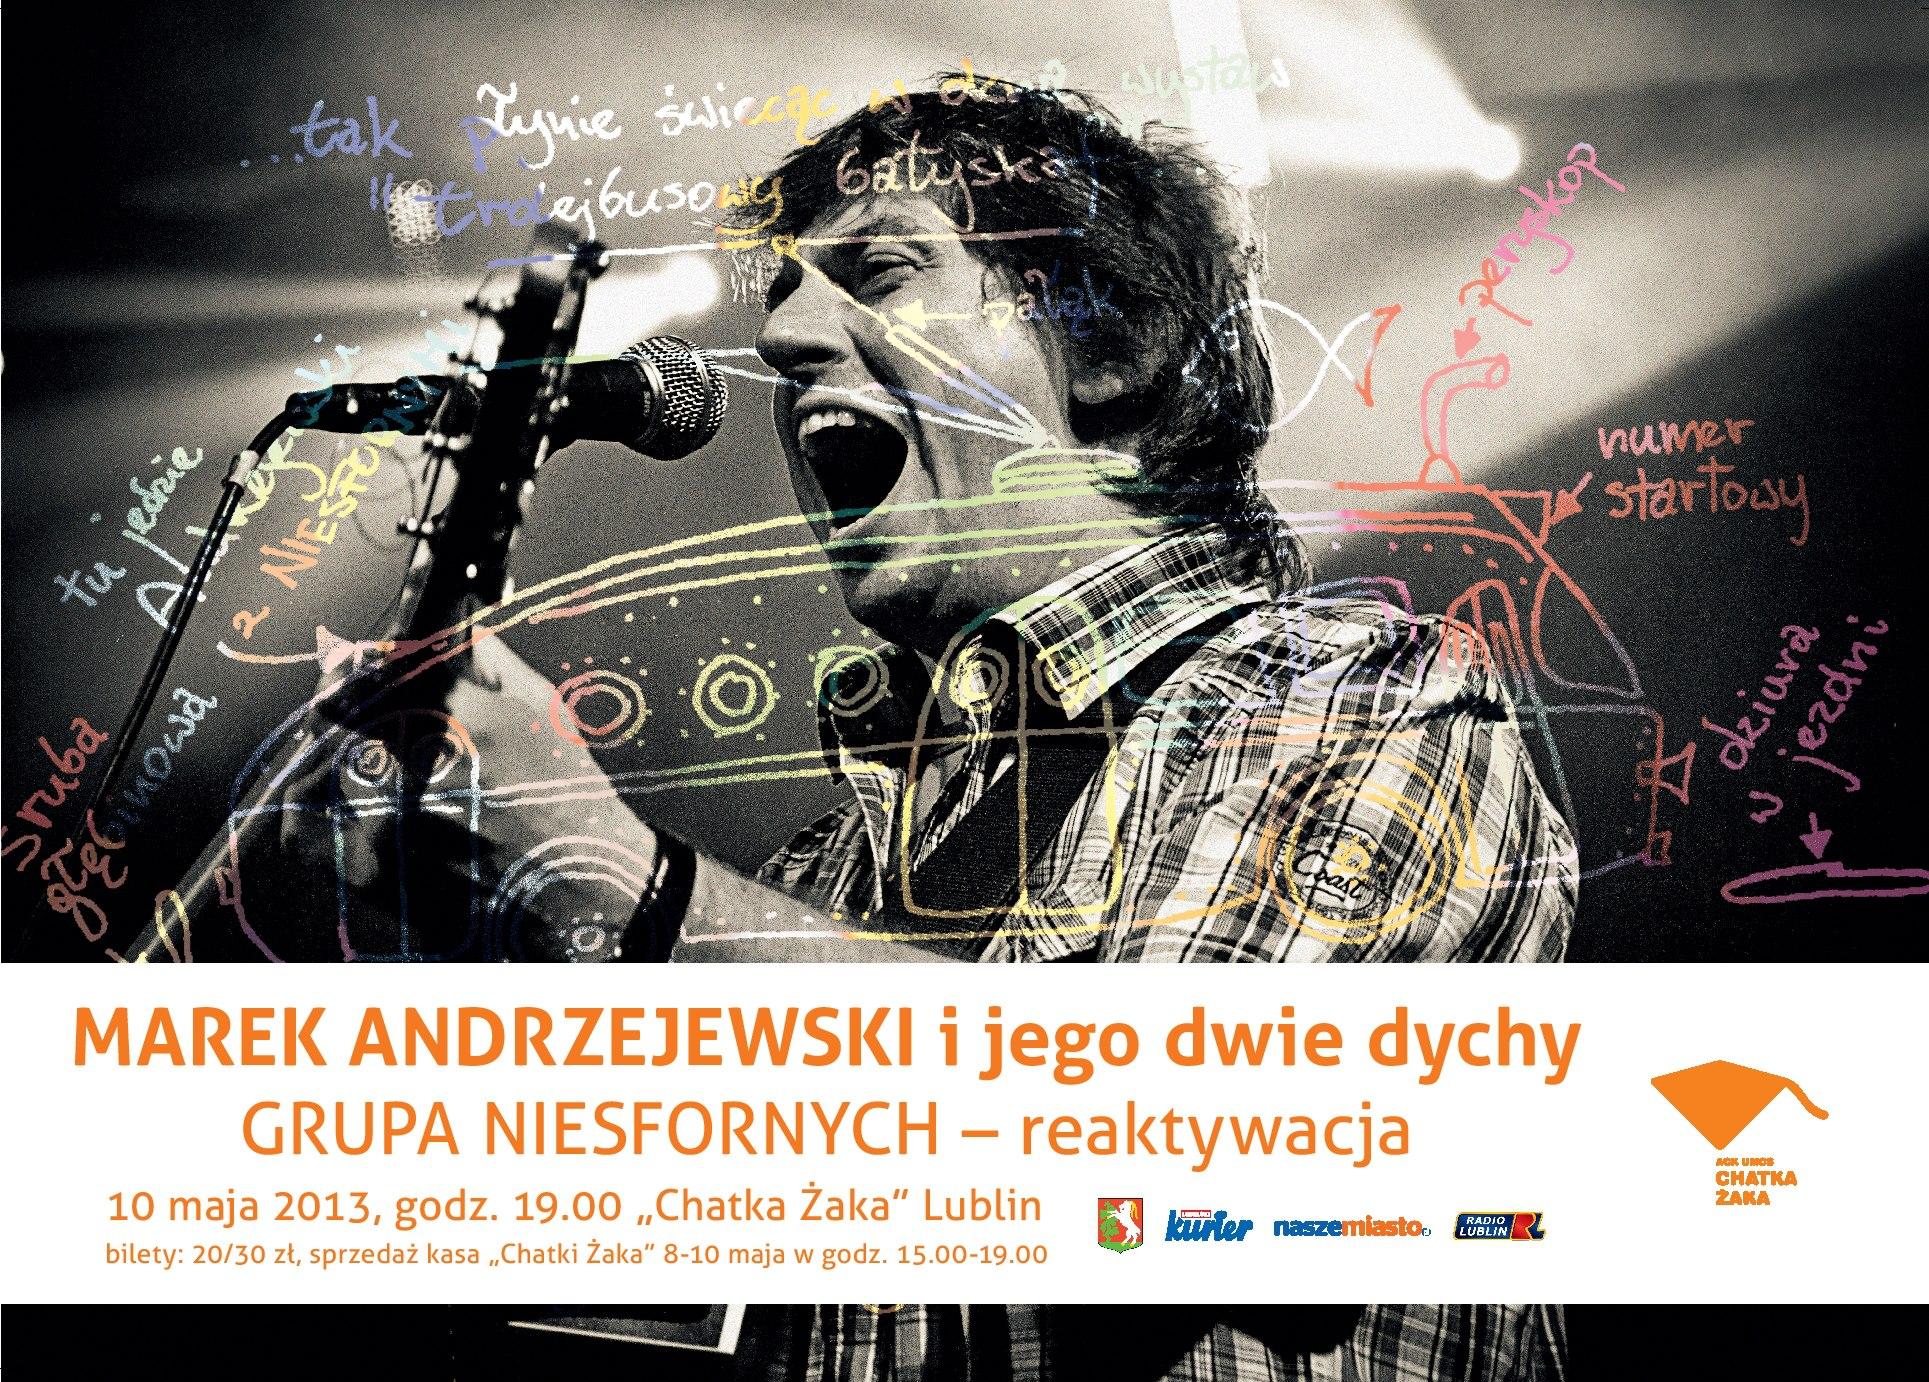 Marek Andrzejewski i jego dwie dychy